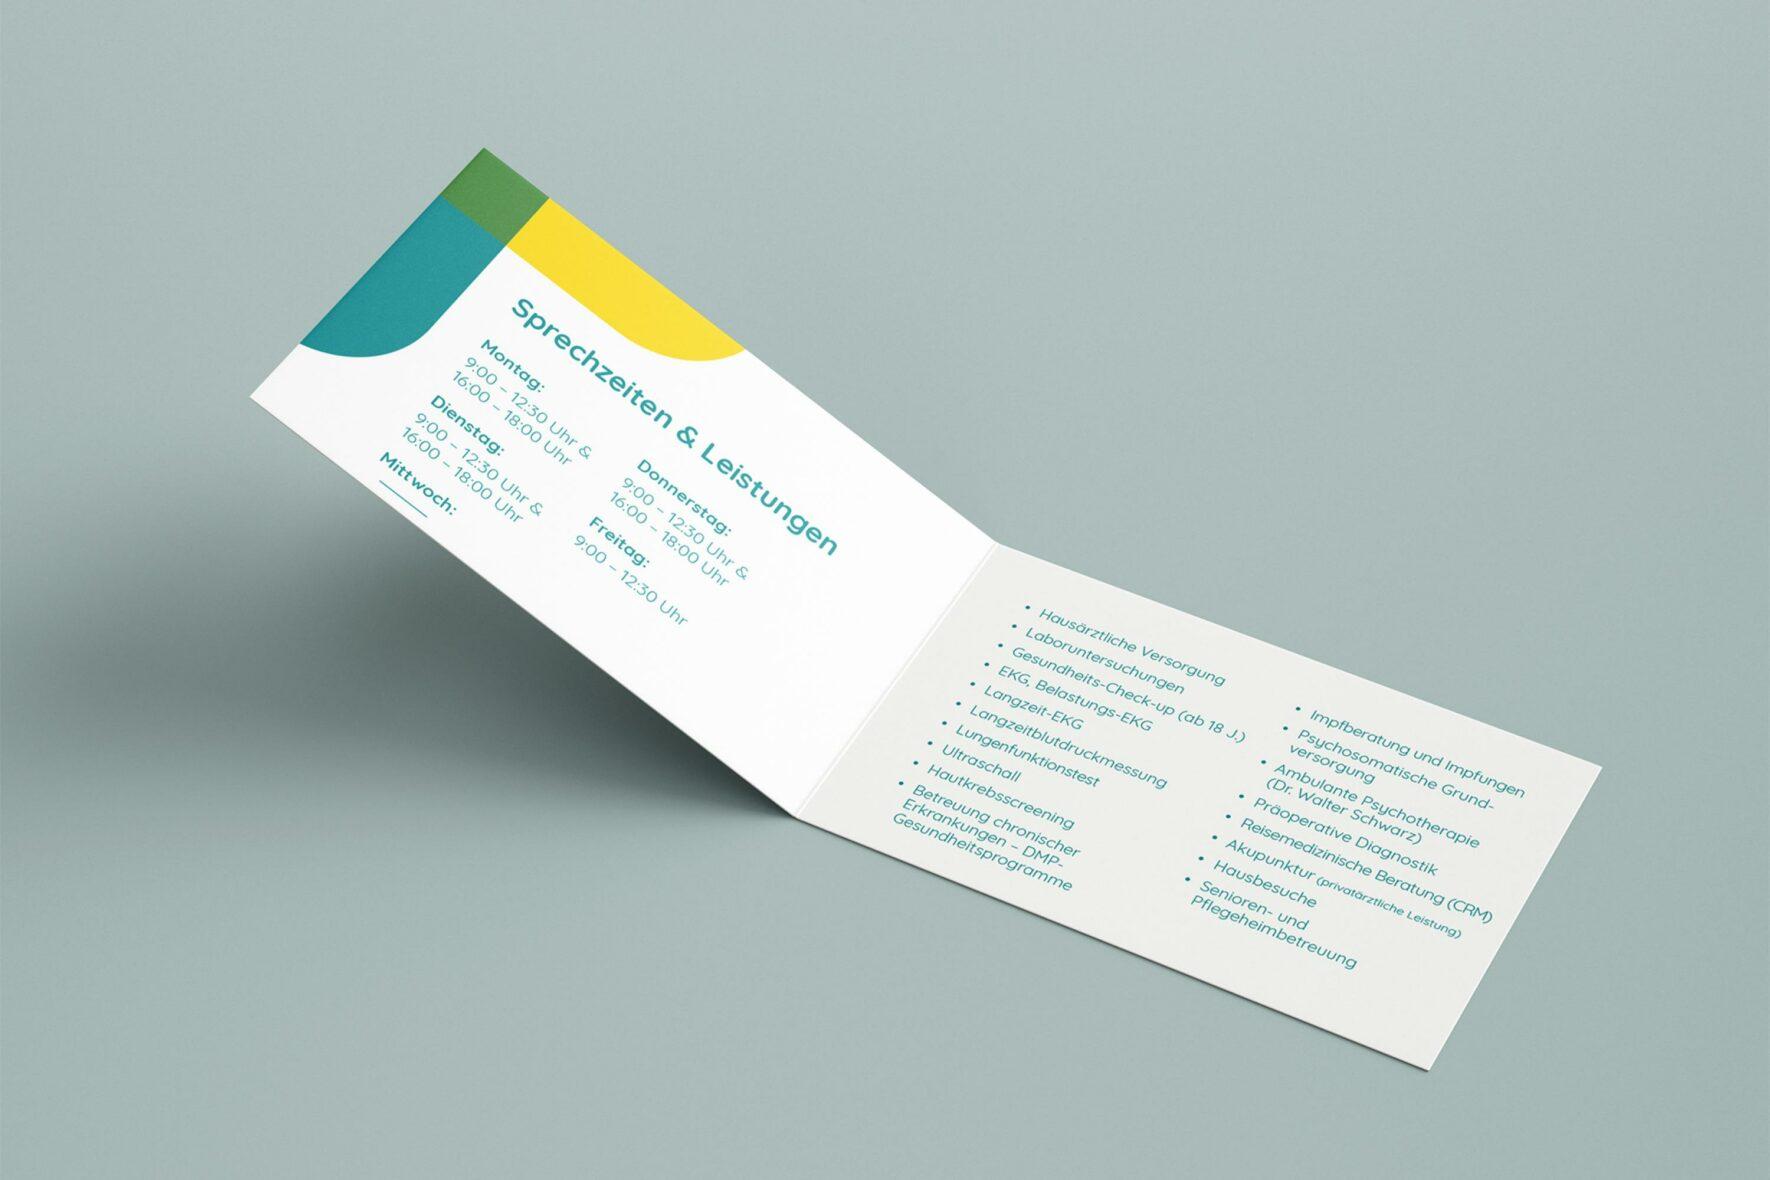 Praxis-Claudia-Mauersberger-Corporate-Design-Print-Geschaeftsausstattung-Visitenkarten-FORMLOS-Berlin1